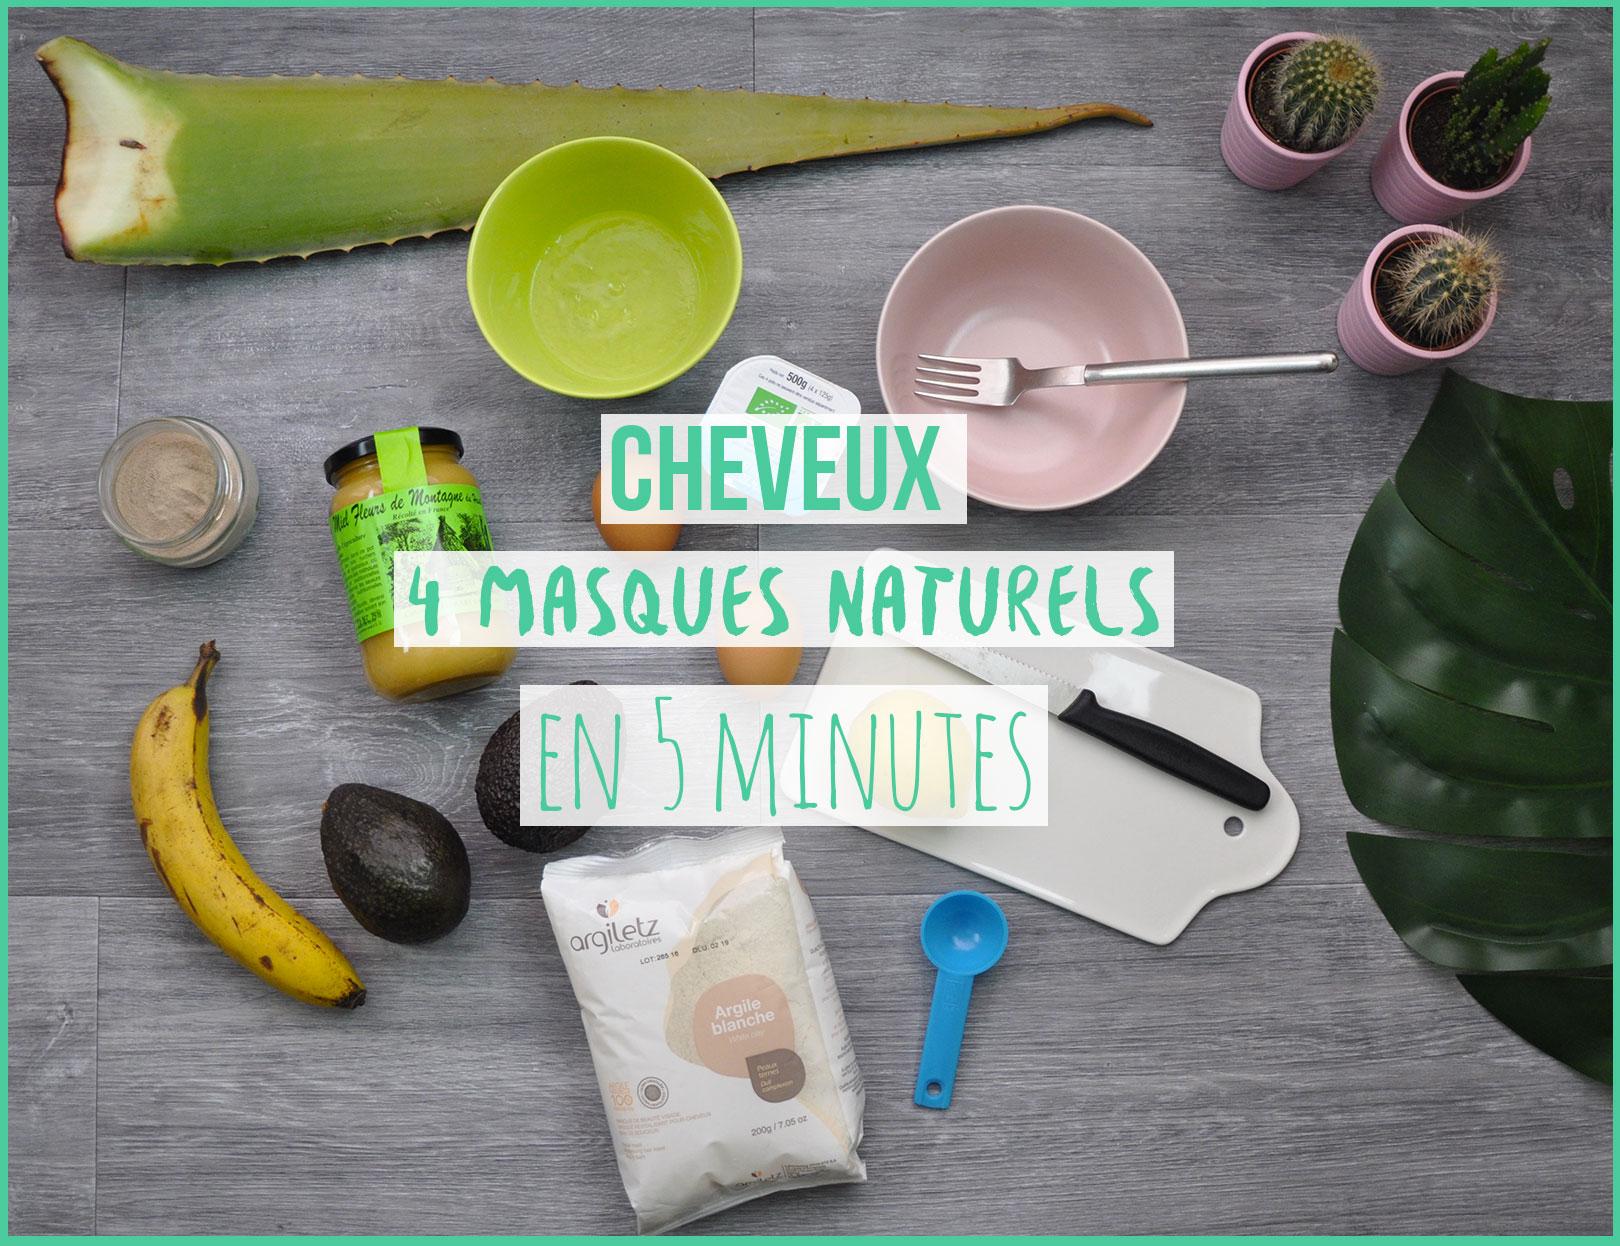 Masques pour les cheveux, quatre recettes naturelles réalisées en 5 minutes chrono